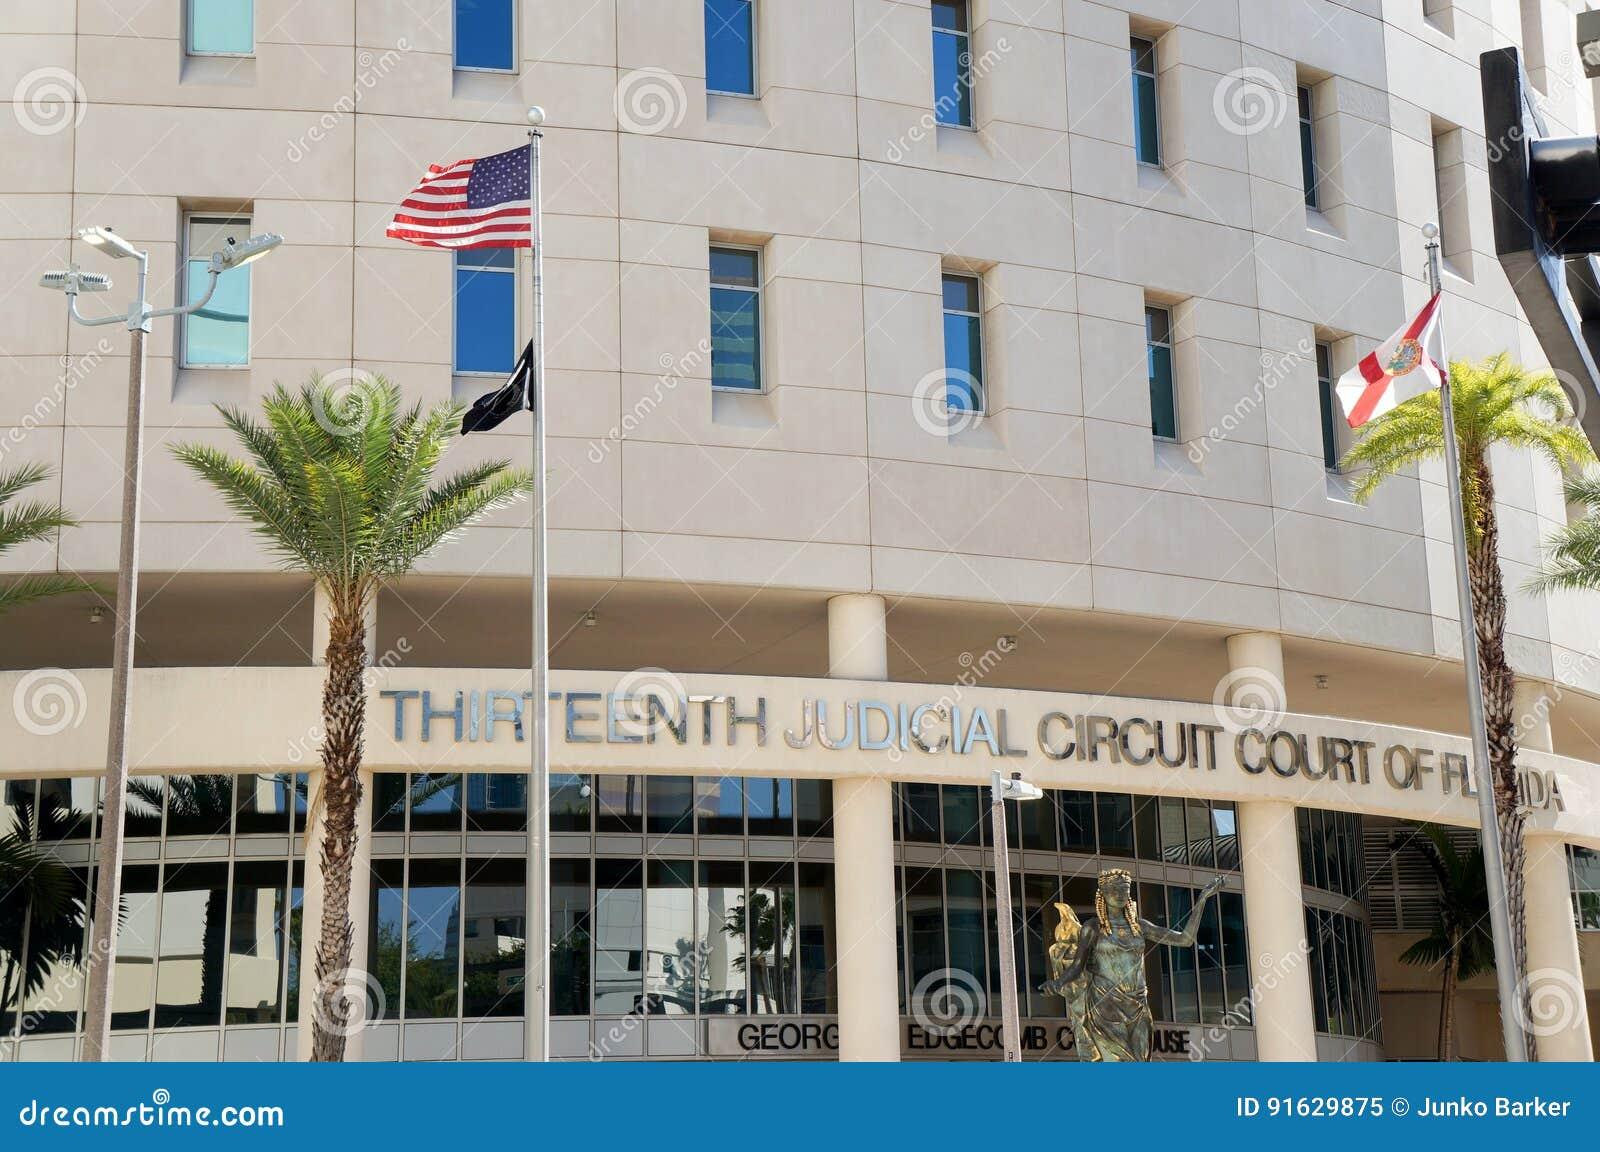 佛罗里达,街市坦帕,佛罗里达,美国第十三司法巡回法庭